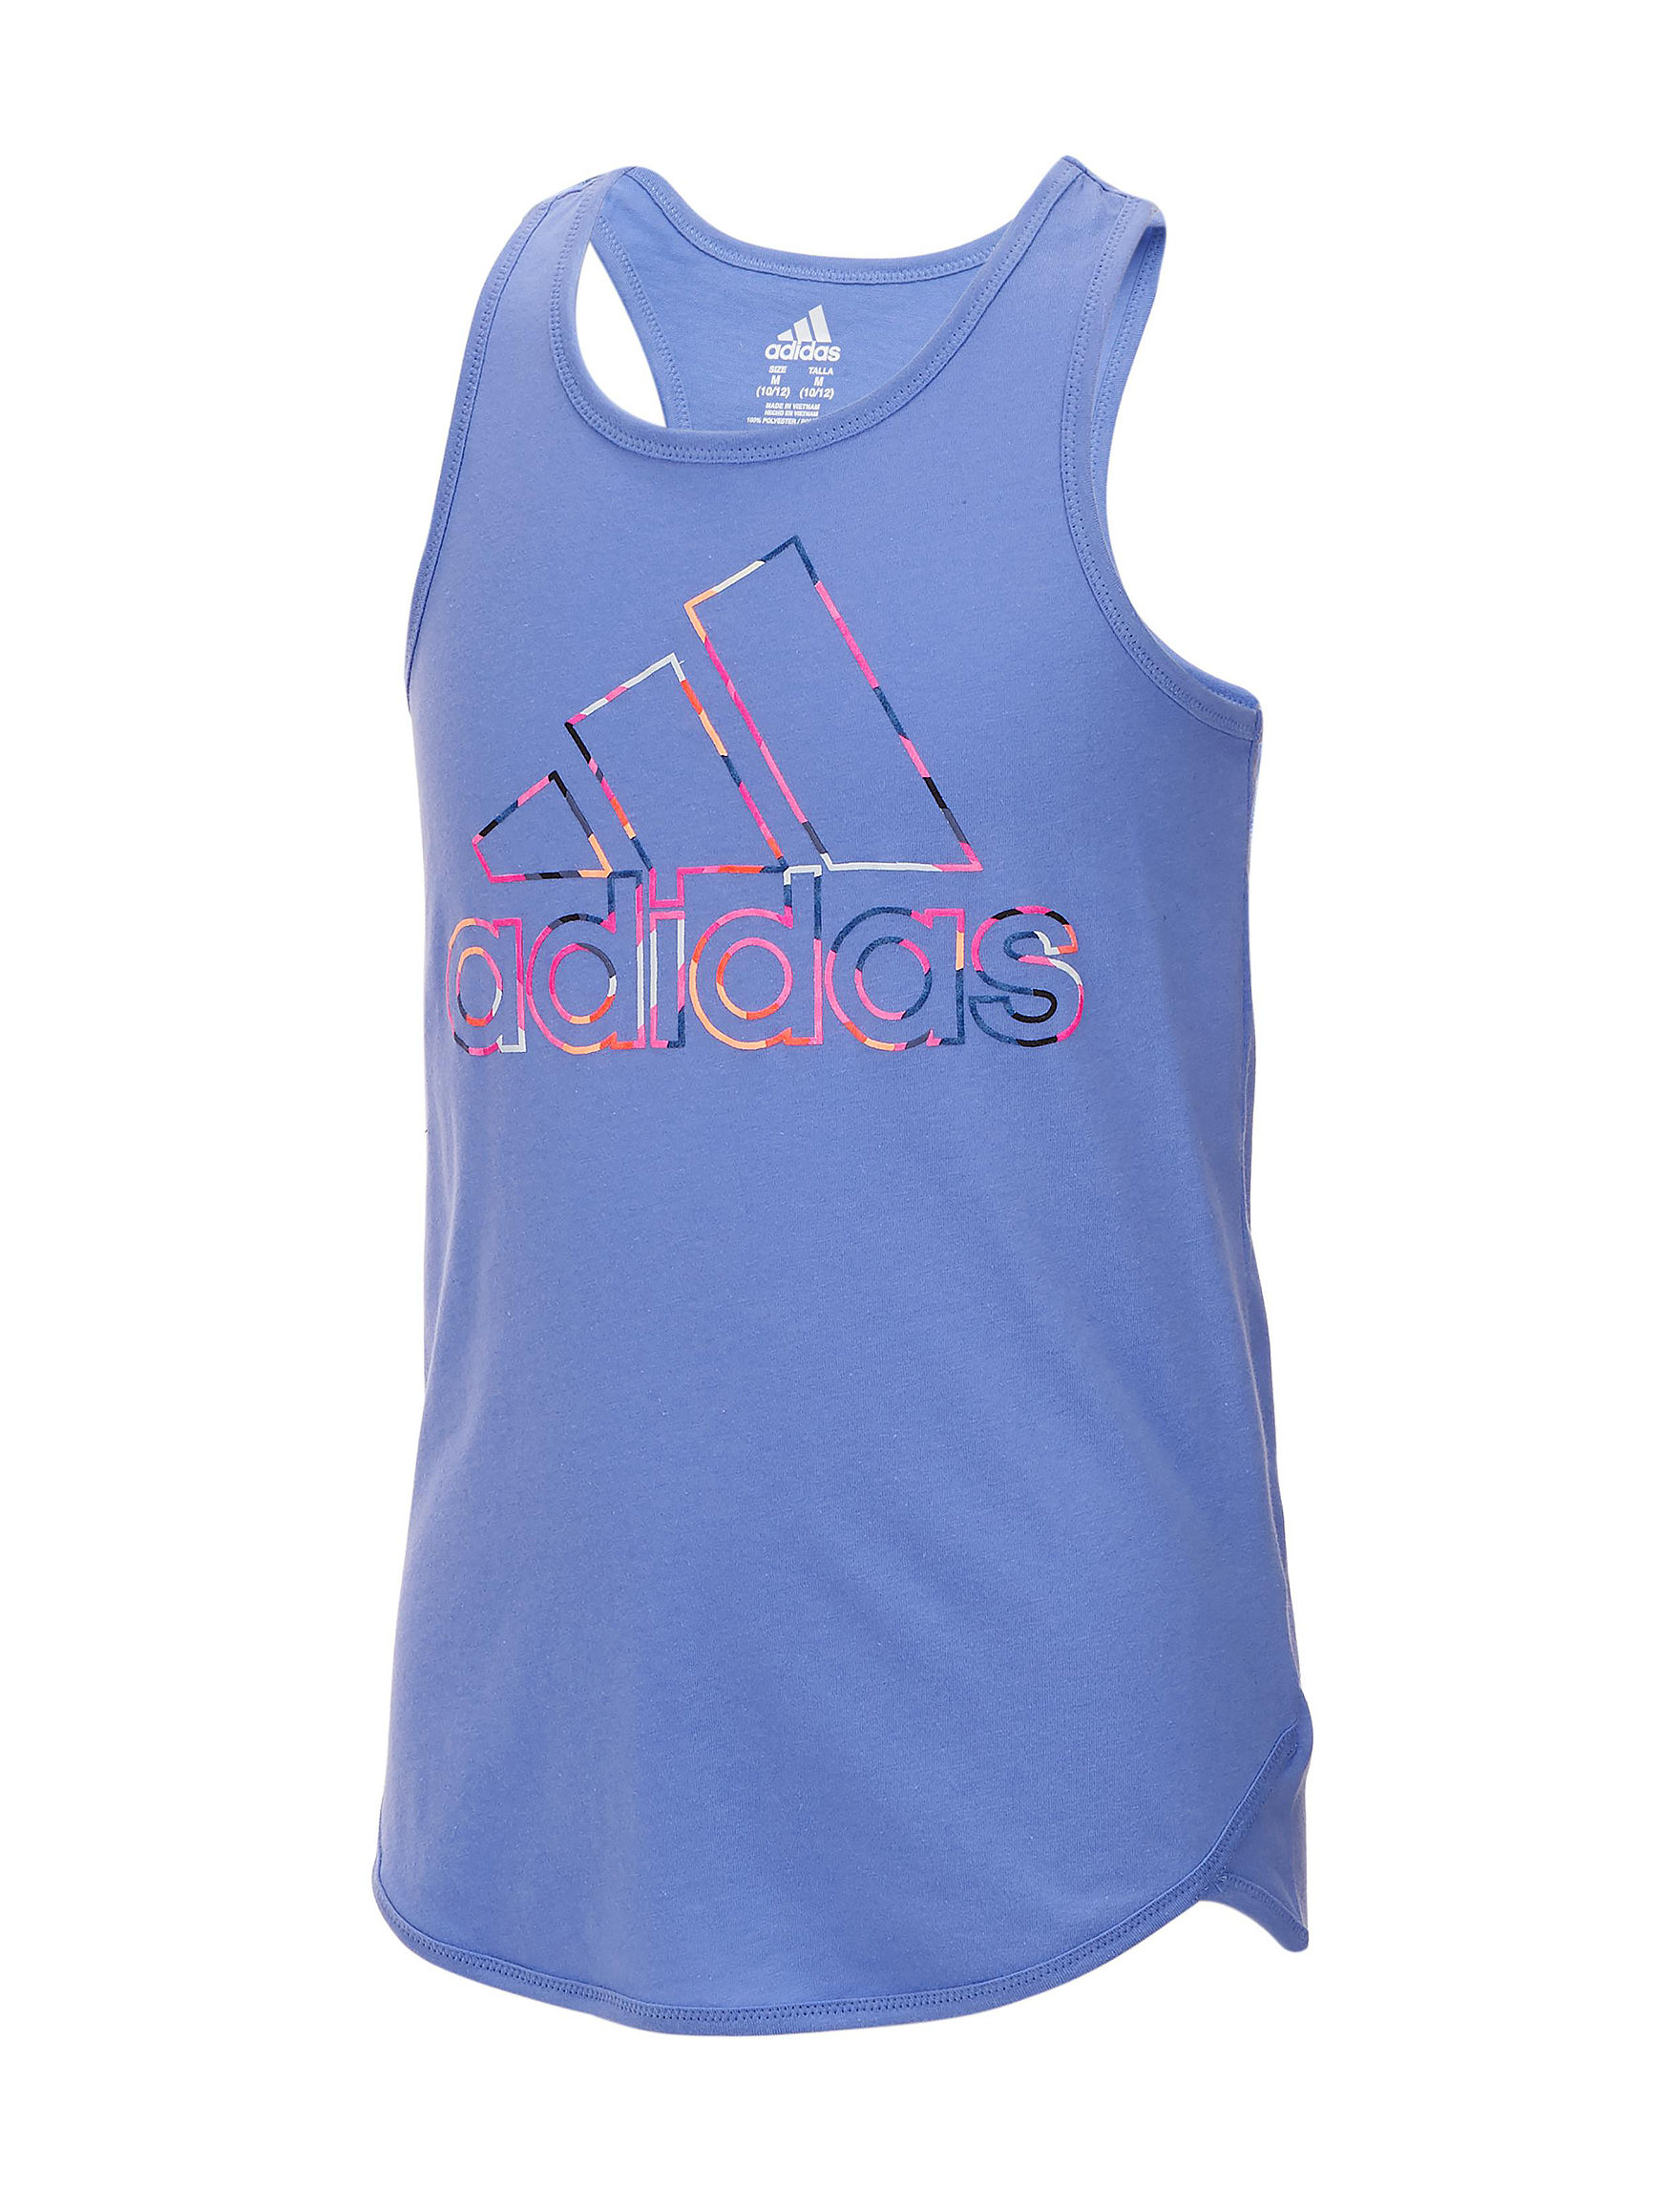 Adidas Light Purple Tees & Tanks